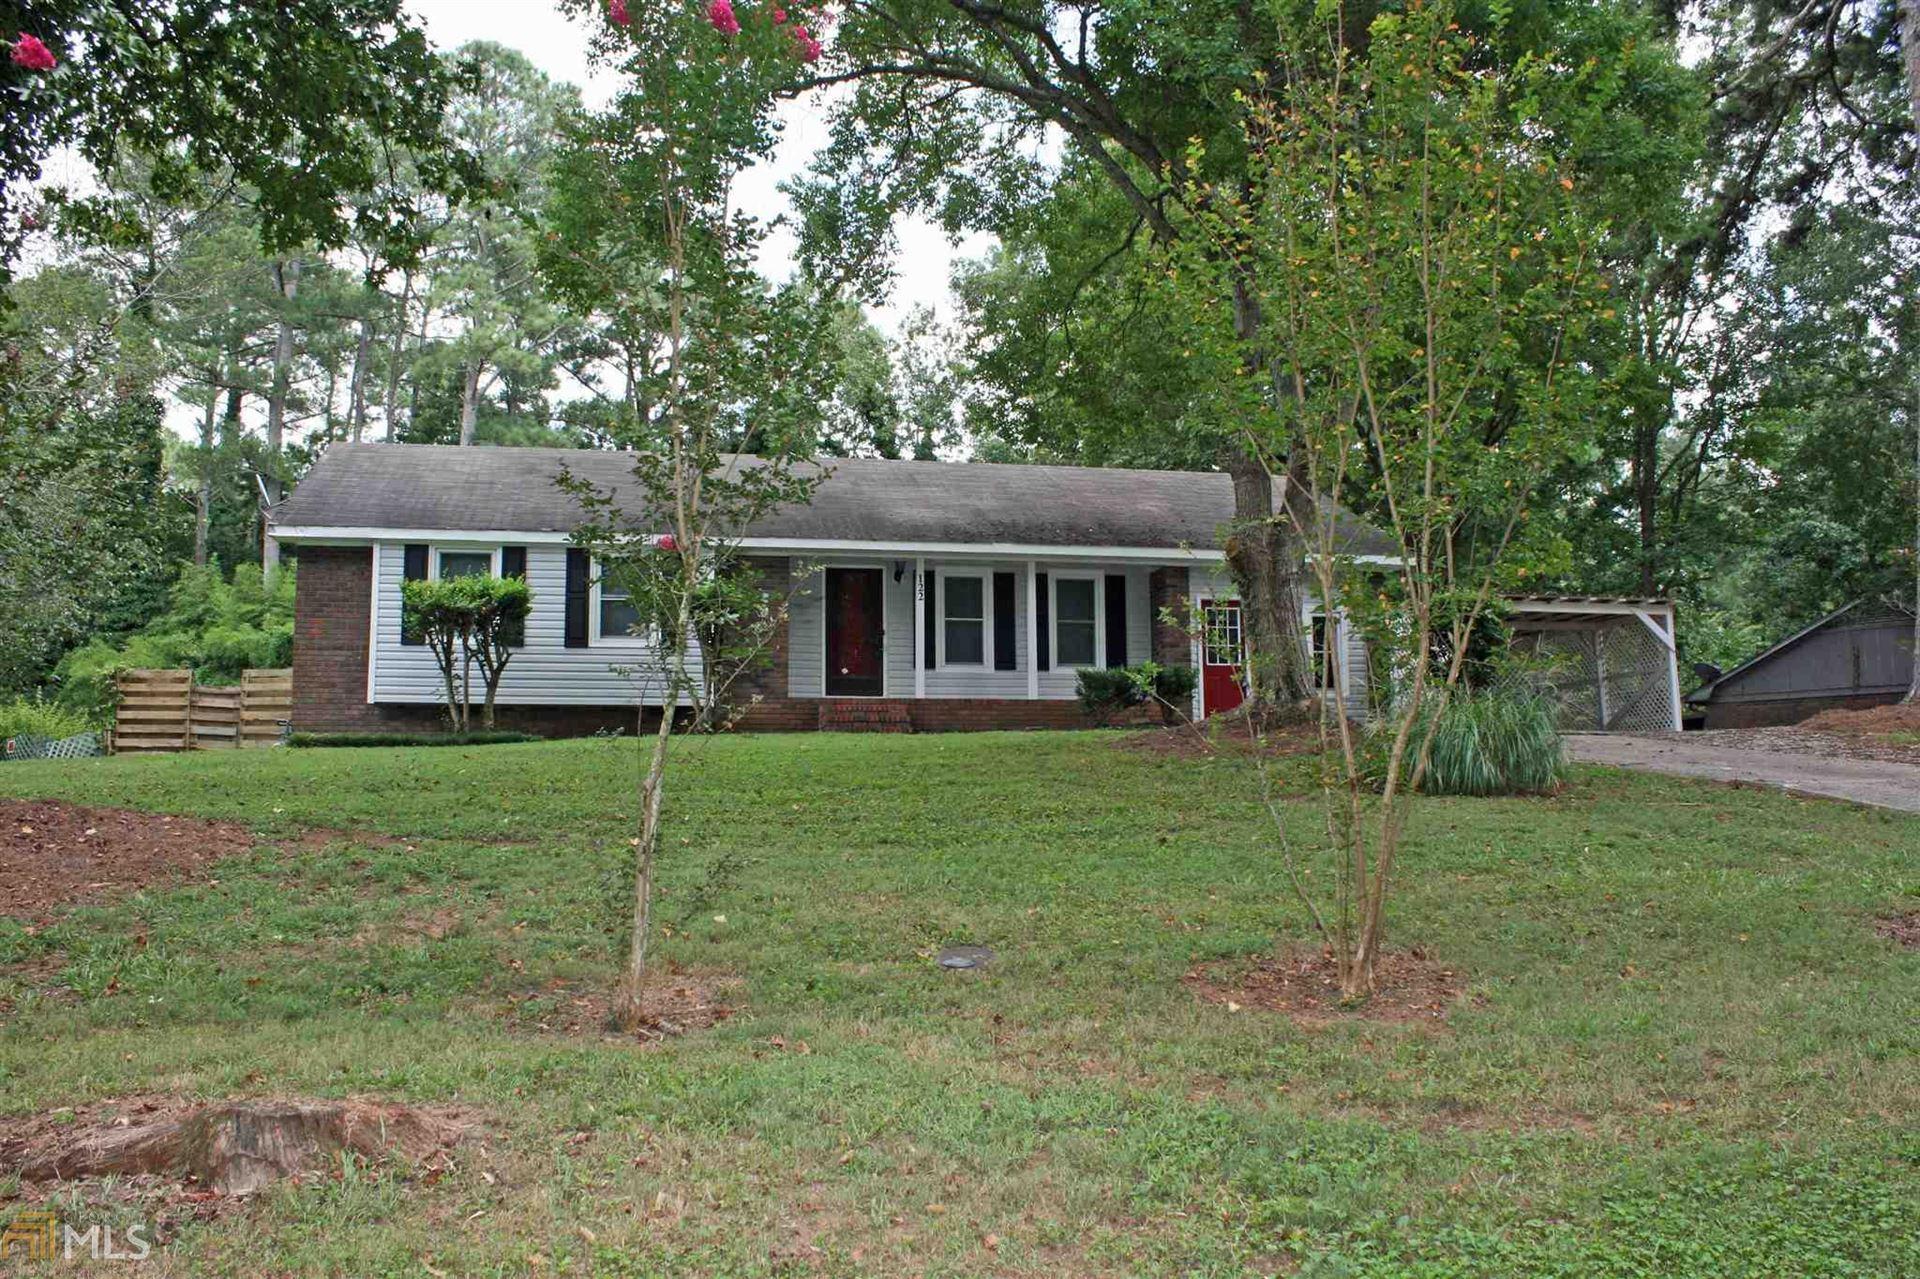 122 Crossbow Cir, Winterville, GA 30683 - #: 8841544